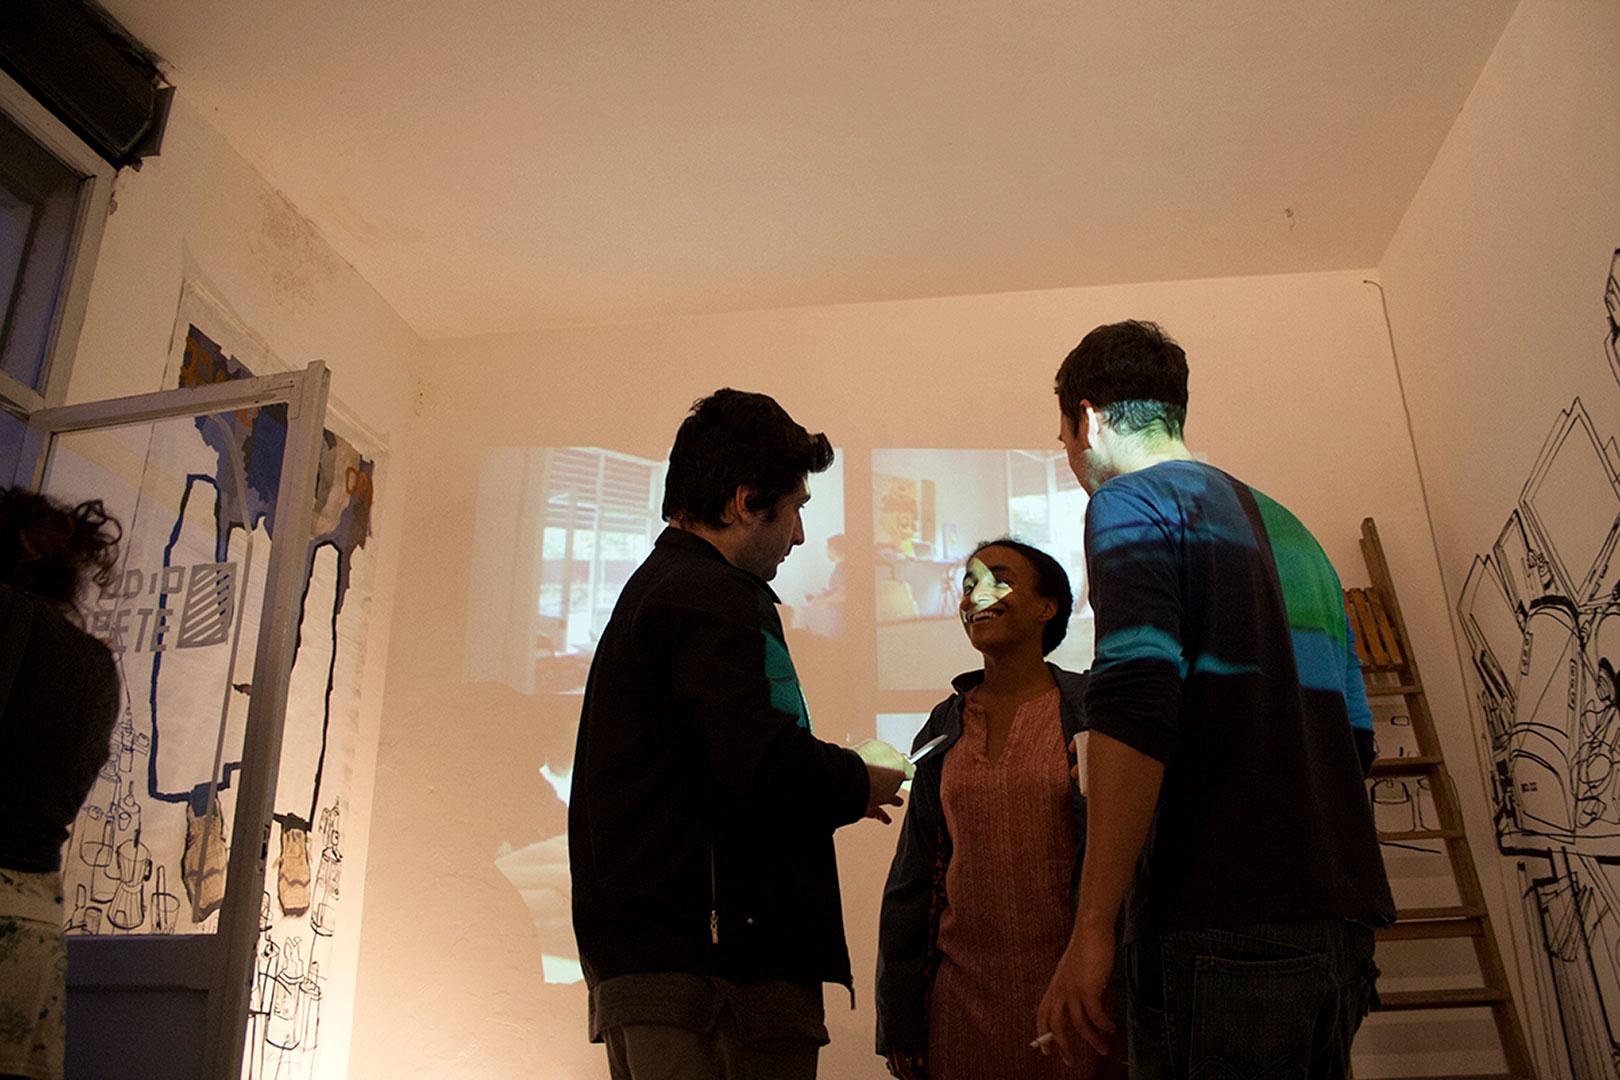 Eventi a Studio Fupete - Pigneto 281, Roma